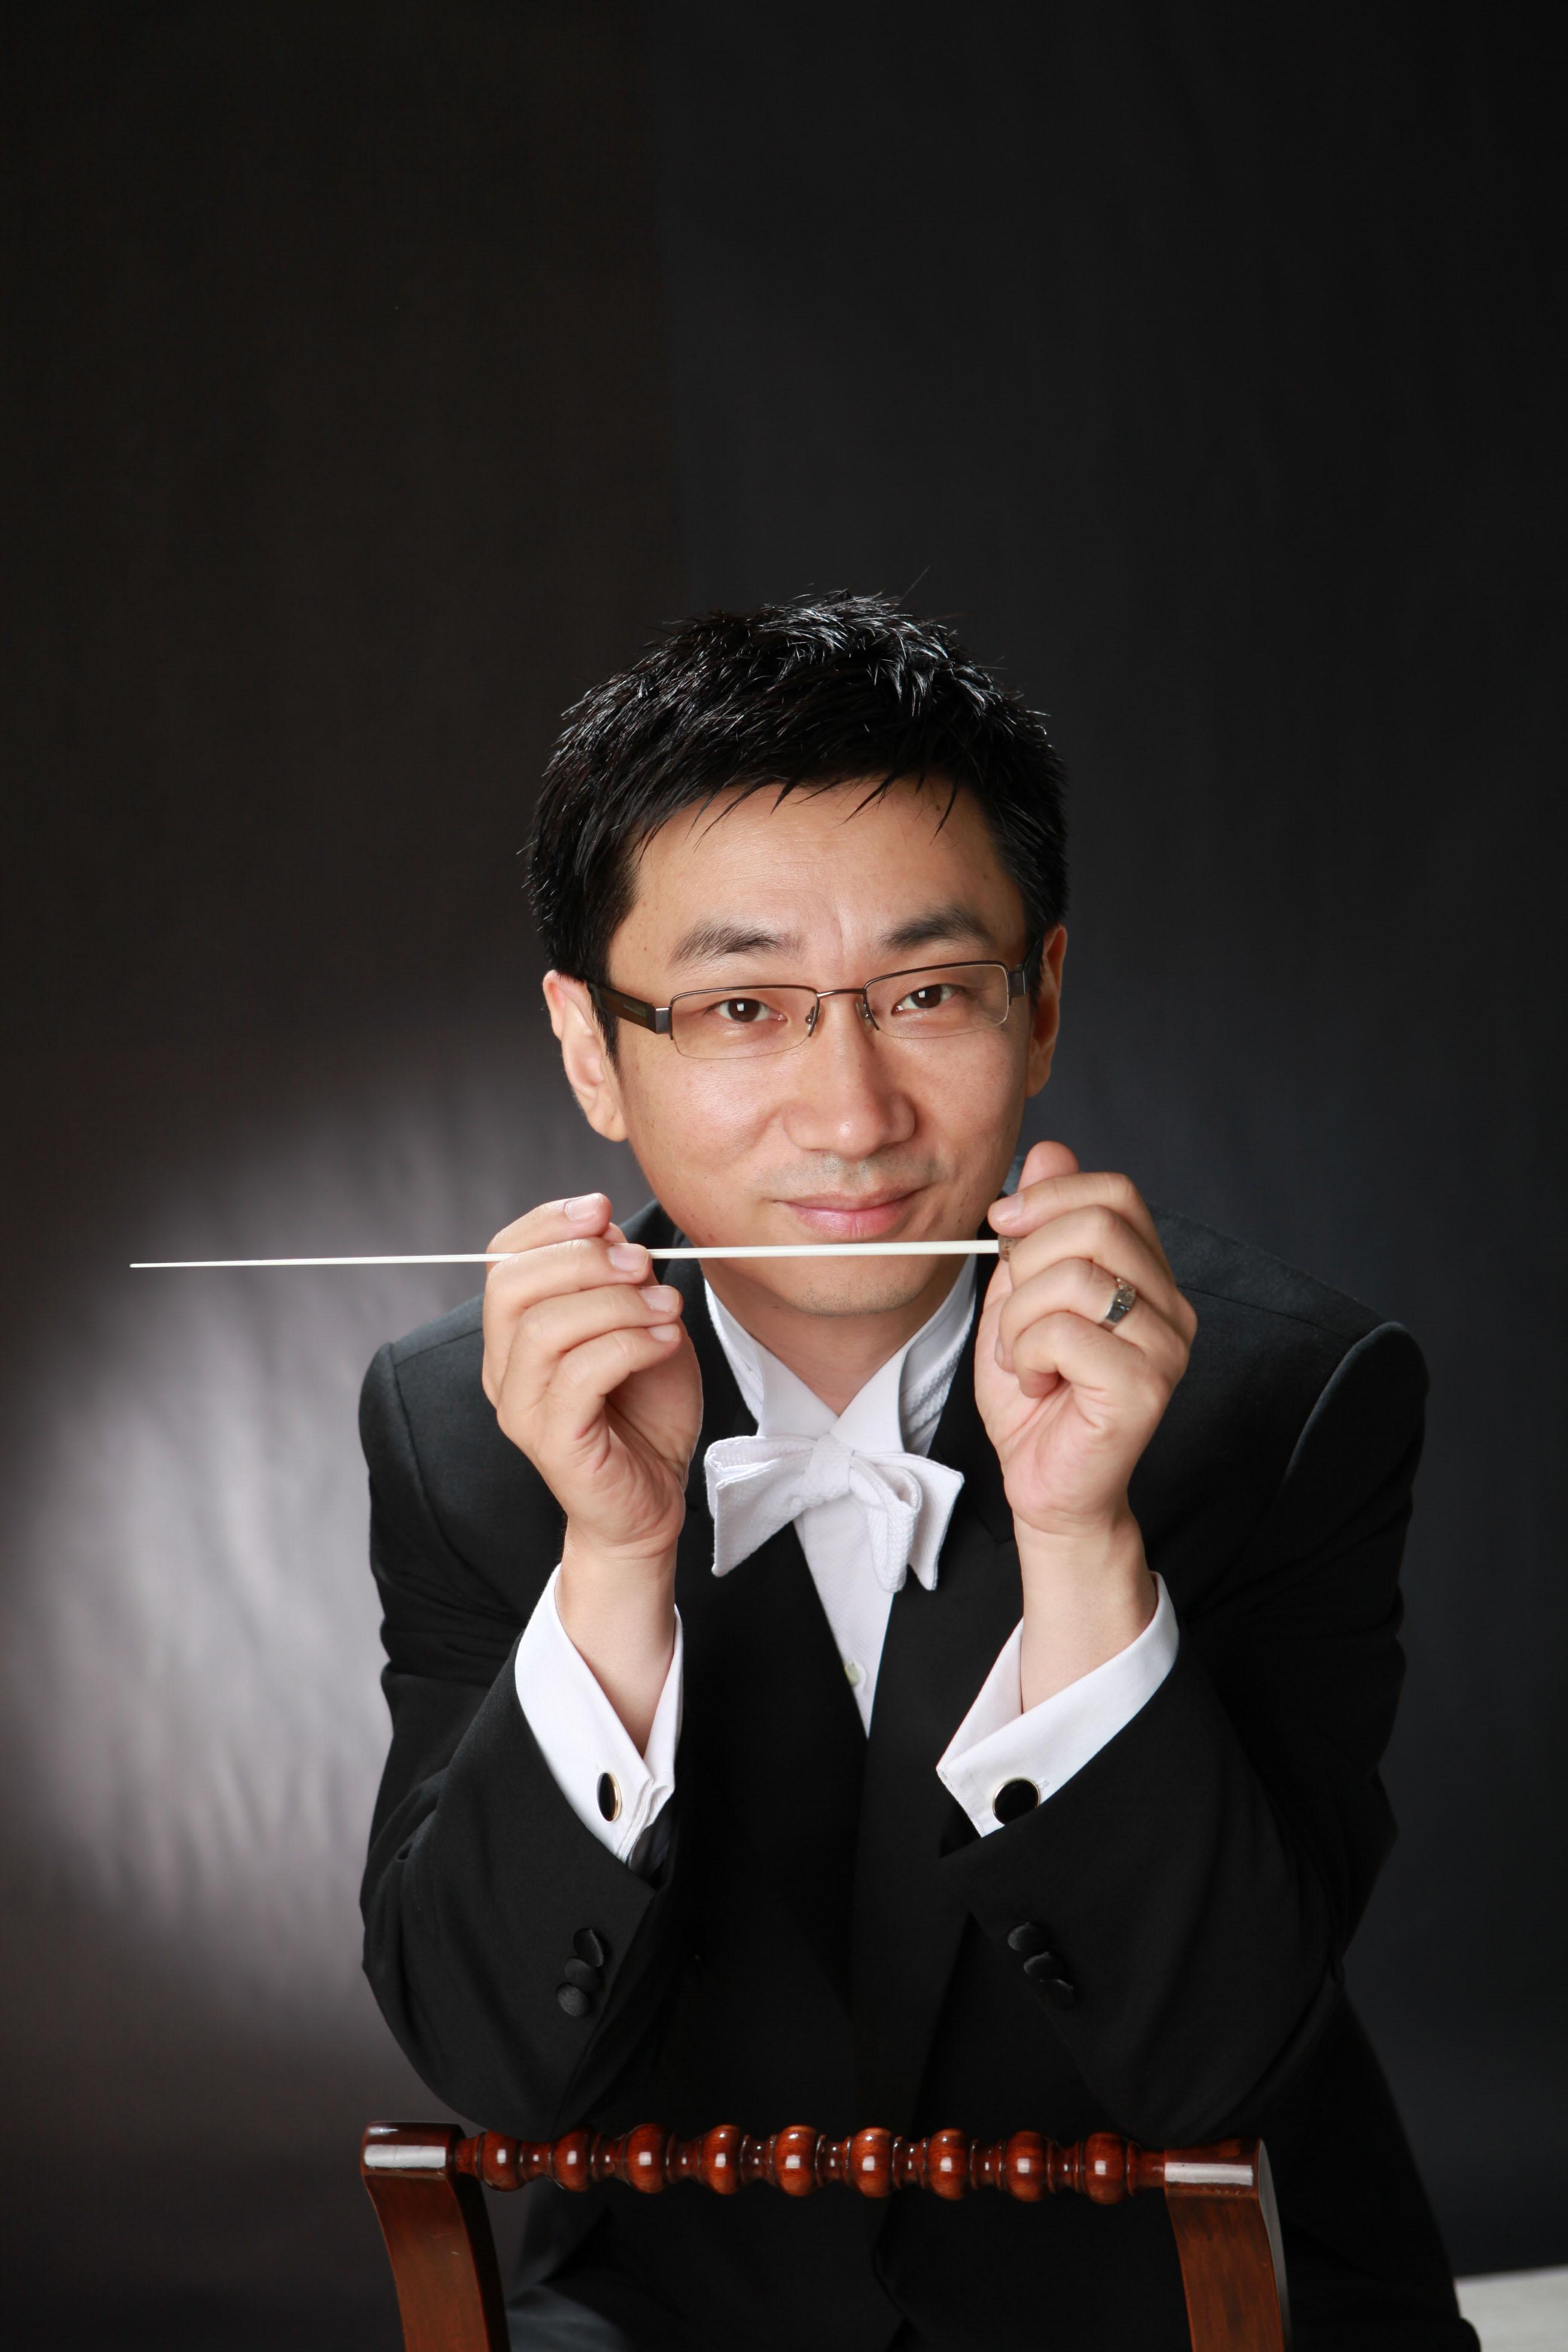 《王者荣耀》交响音乐会来了!中国交响乐团演绎,全国三城,年底巨献!